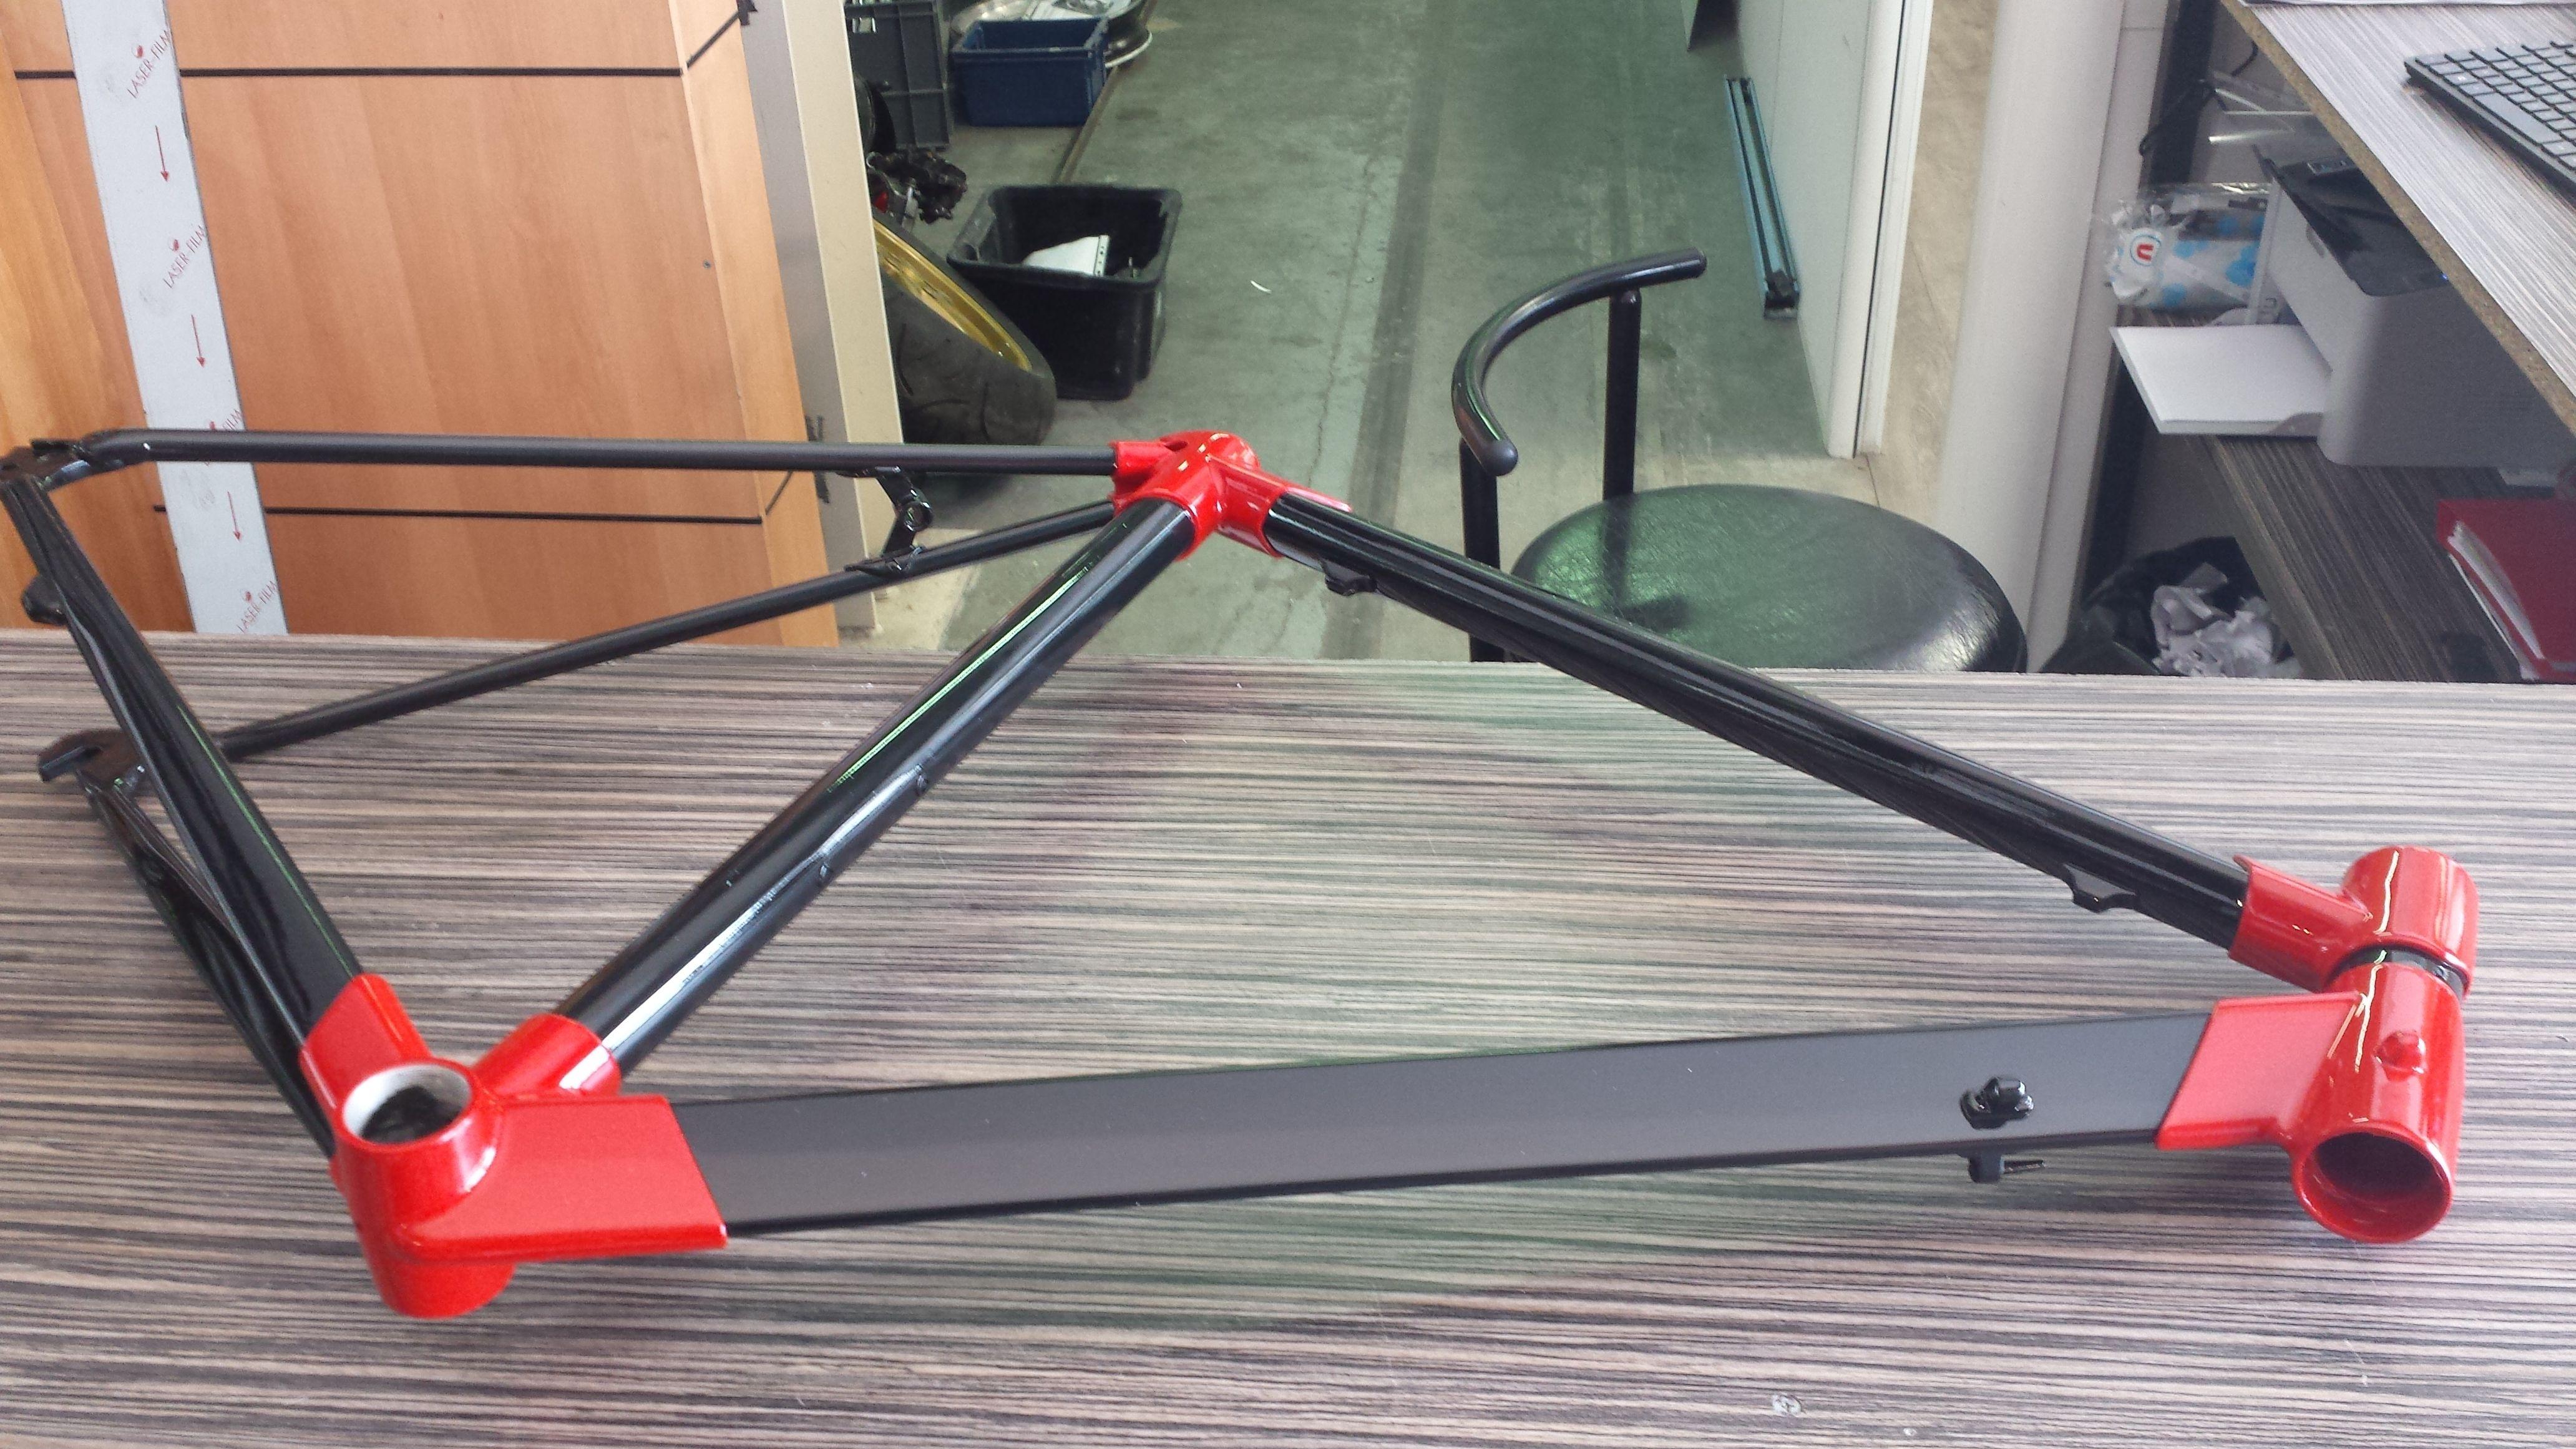 peinture sur cadre de v lo noir sur partie carbone et peinture rouge sur raccords alu peinture. Black Bedroom Furniture Sets. Home Design Ideas